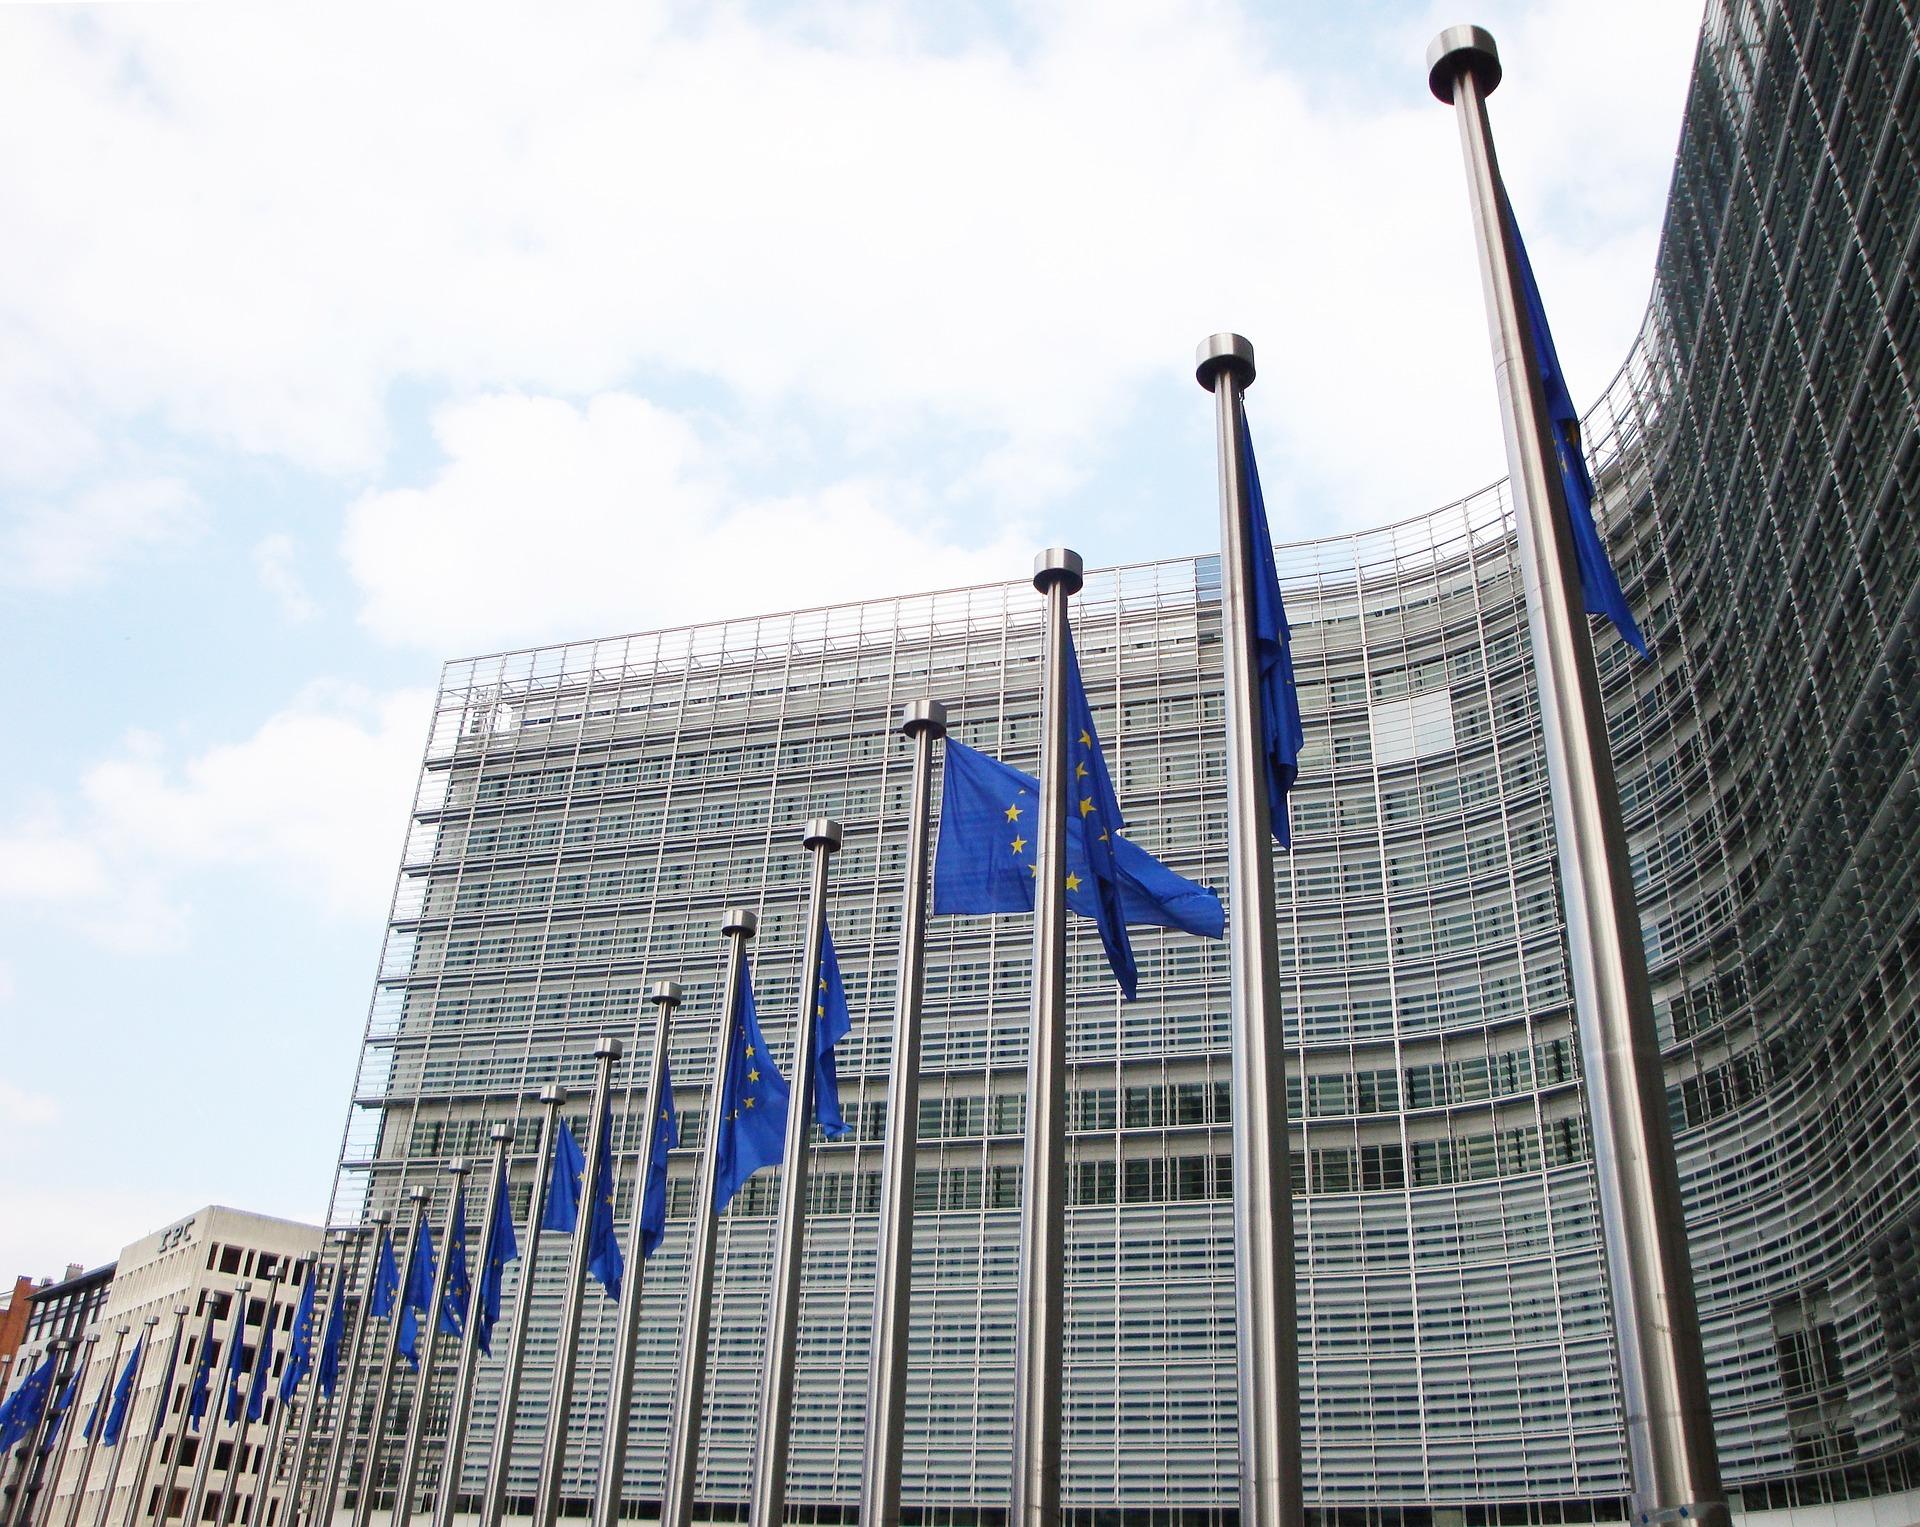 L'UE accetta di accantonare il 37% del fondo di recupero per la transizione verde